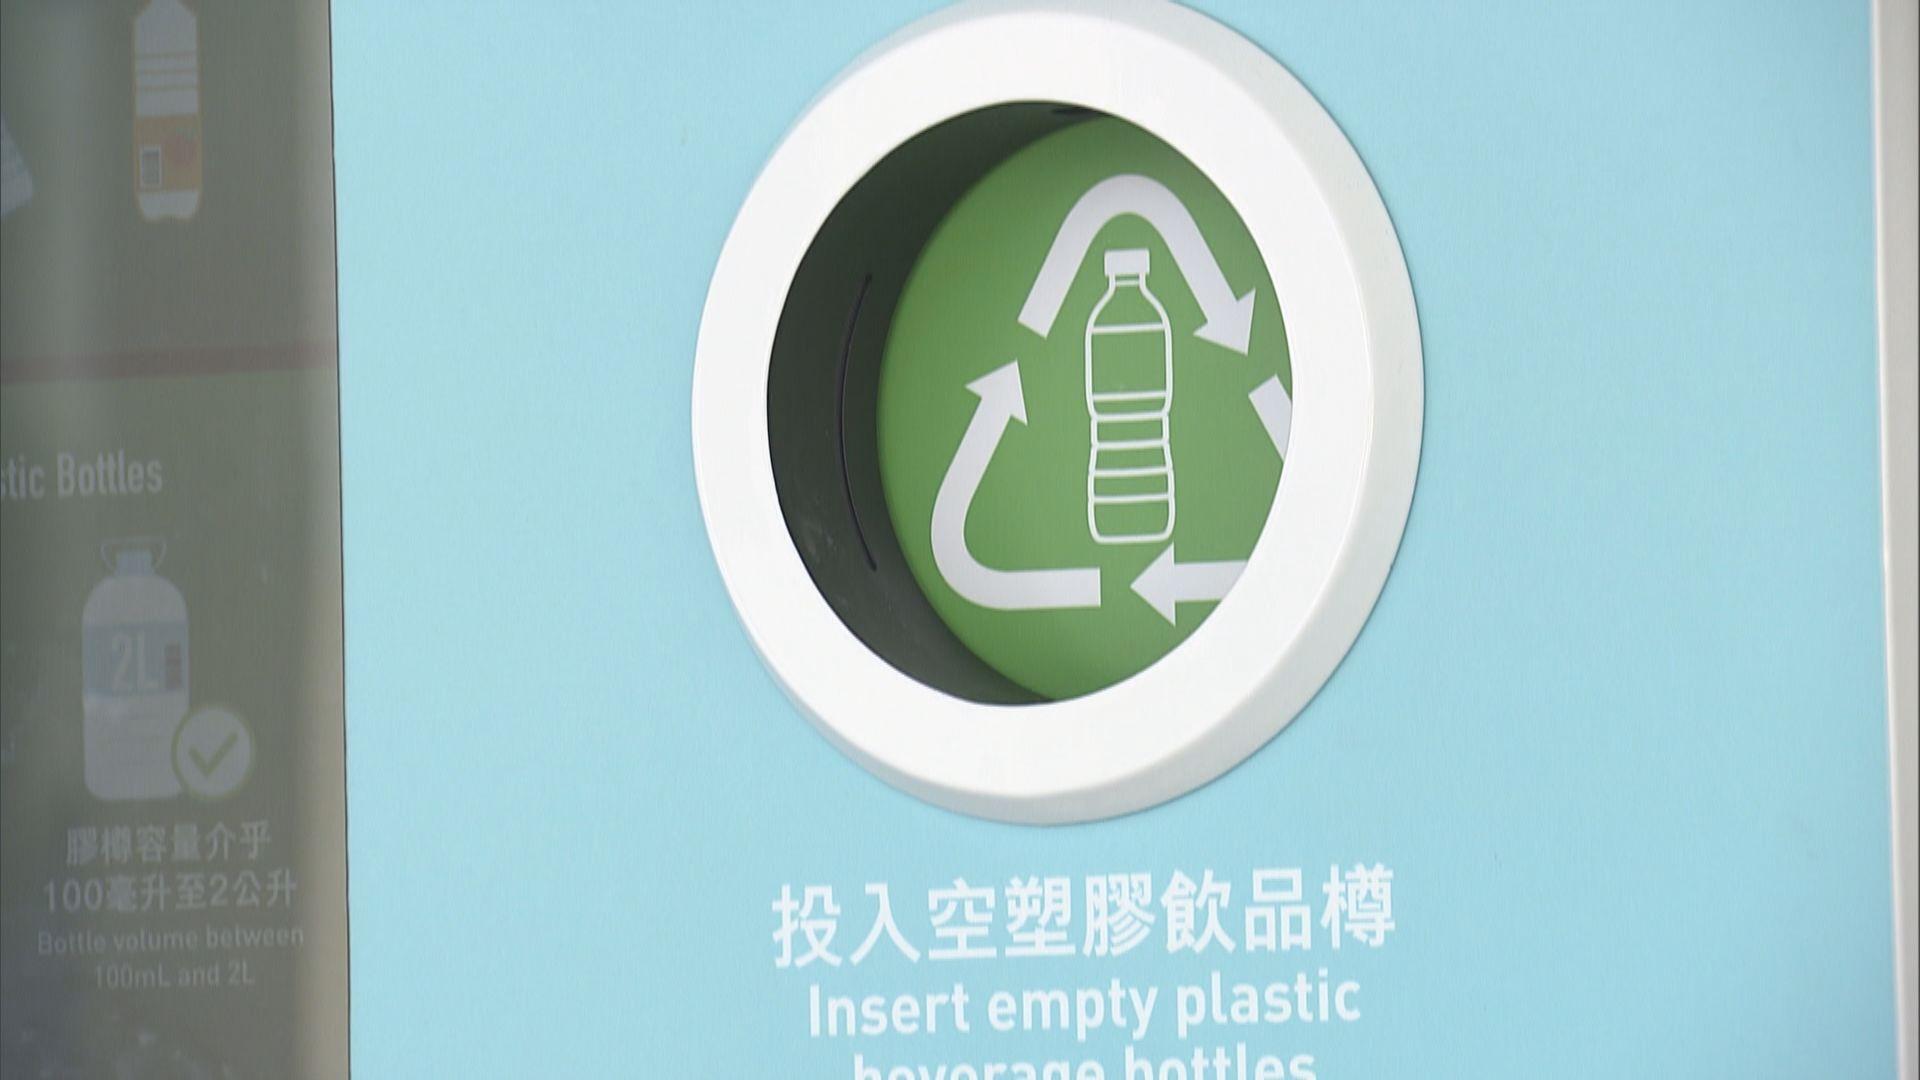 【膠樽生產者責任制】擬回收每個膠樽回贈1毫 環團倡用「按樽制」